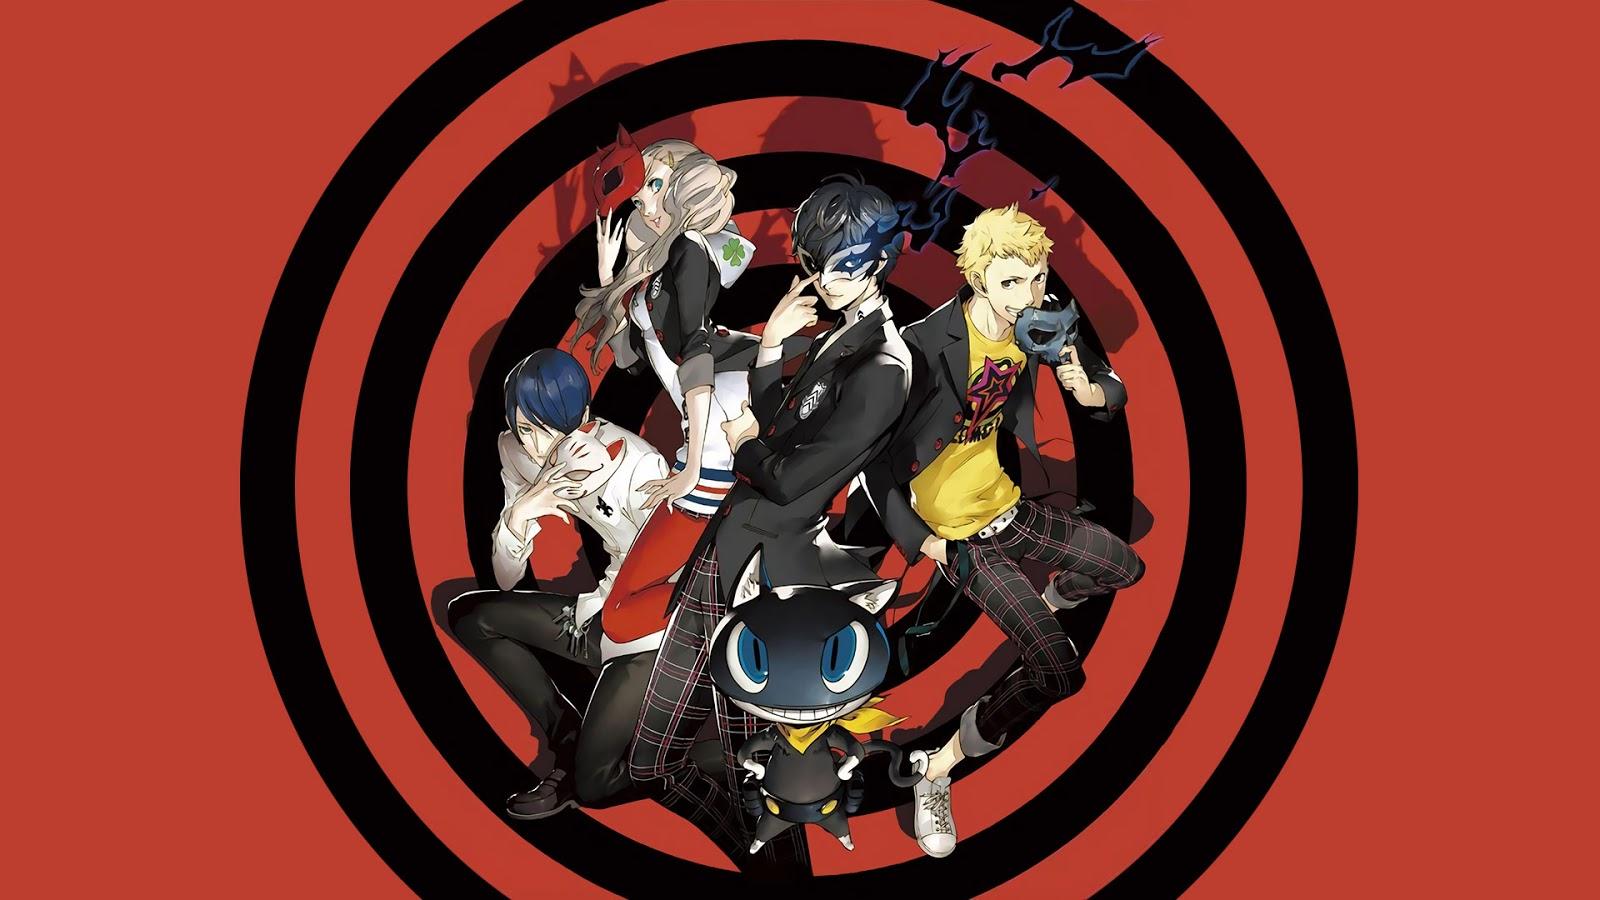 Mangacouncils Persona 5 Hd Wallpaper